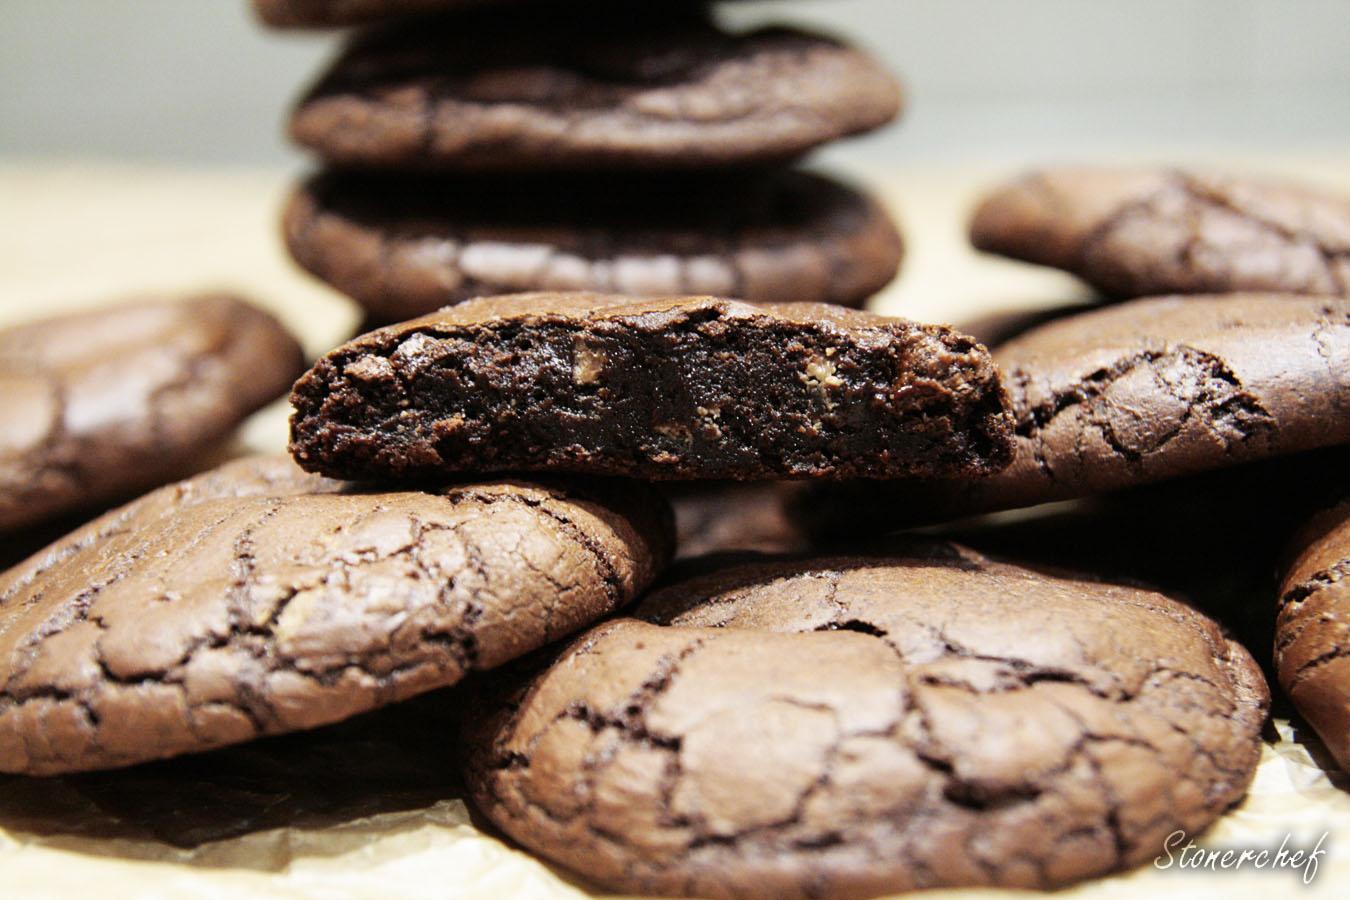 https://www.stonerchef.pl/wp-content/uploads/2017/01/ugryzione-ciastko-brownie.jpg